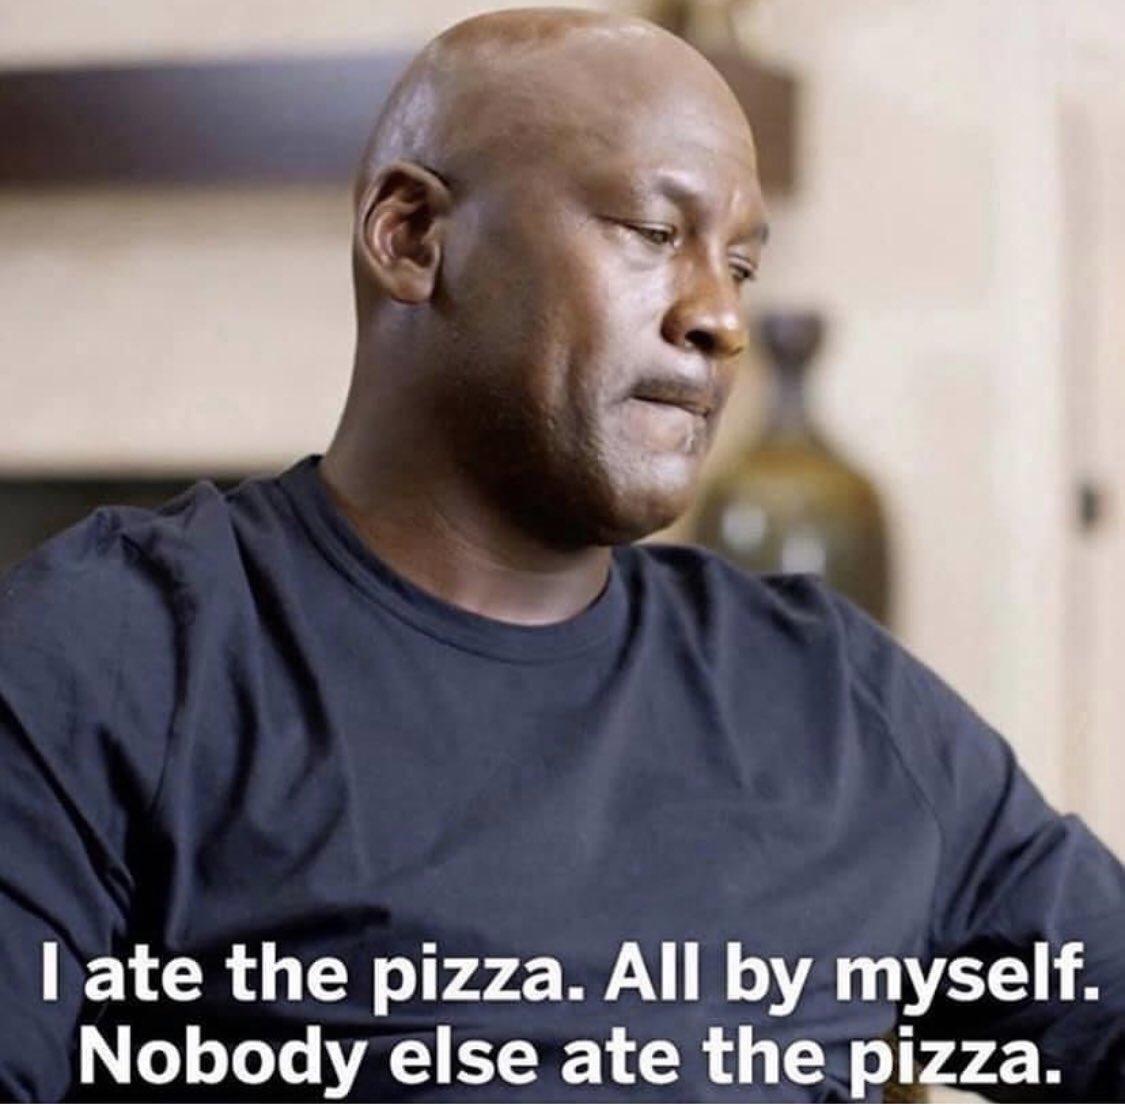 The Last Dance #pizzachat